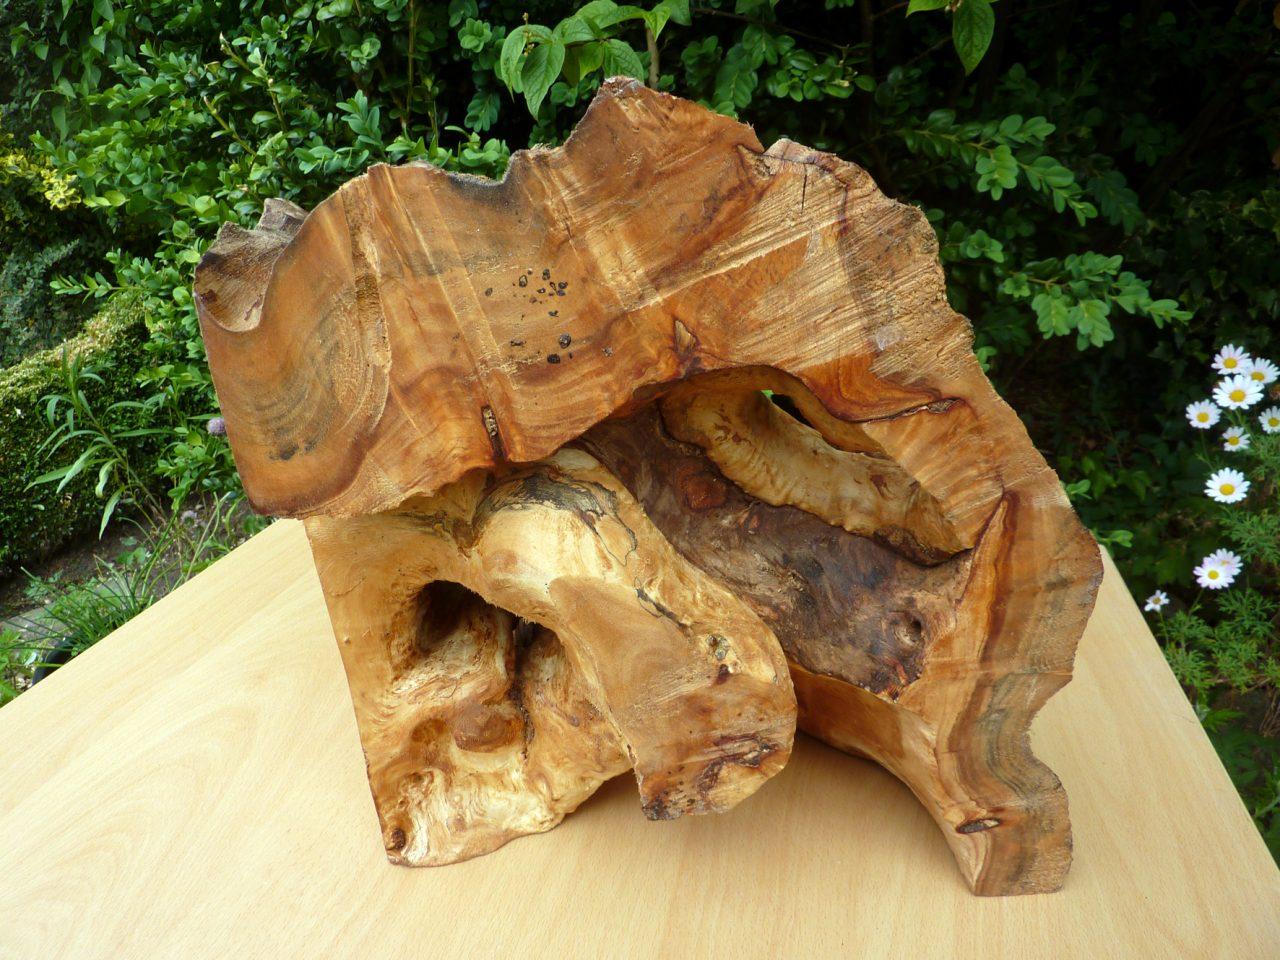 fraai natuurlijk gevormd stuk hout, wilgenhout